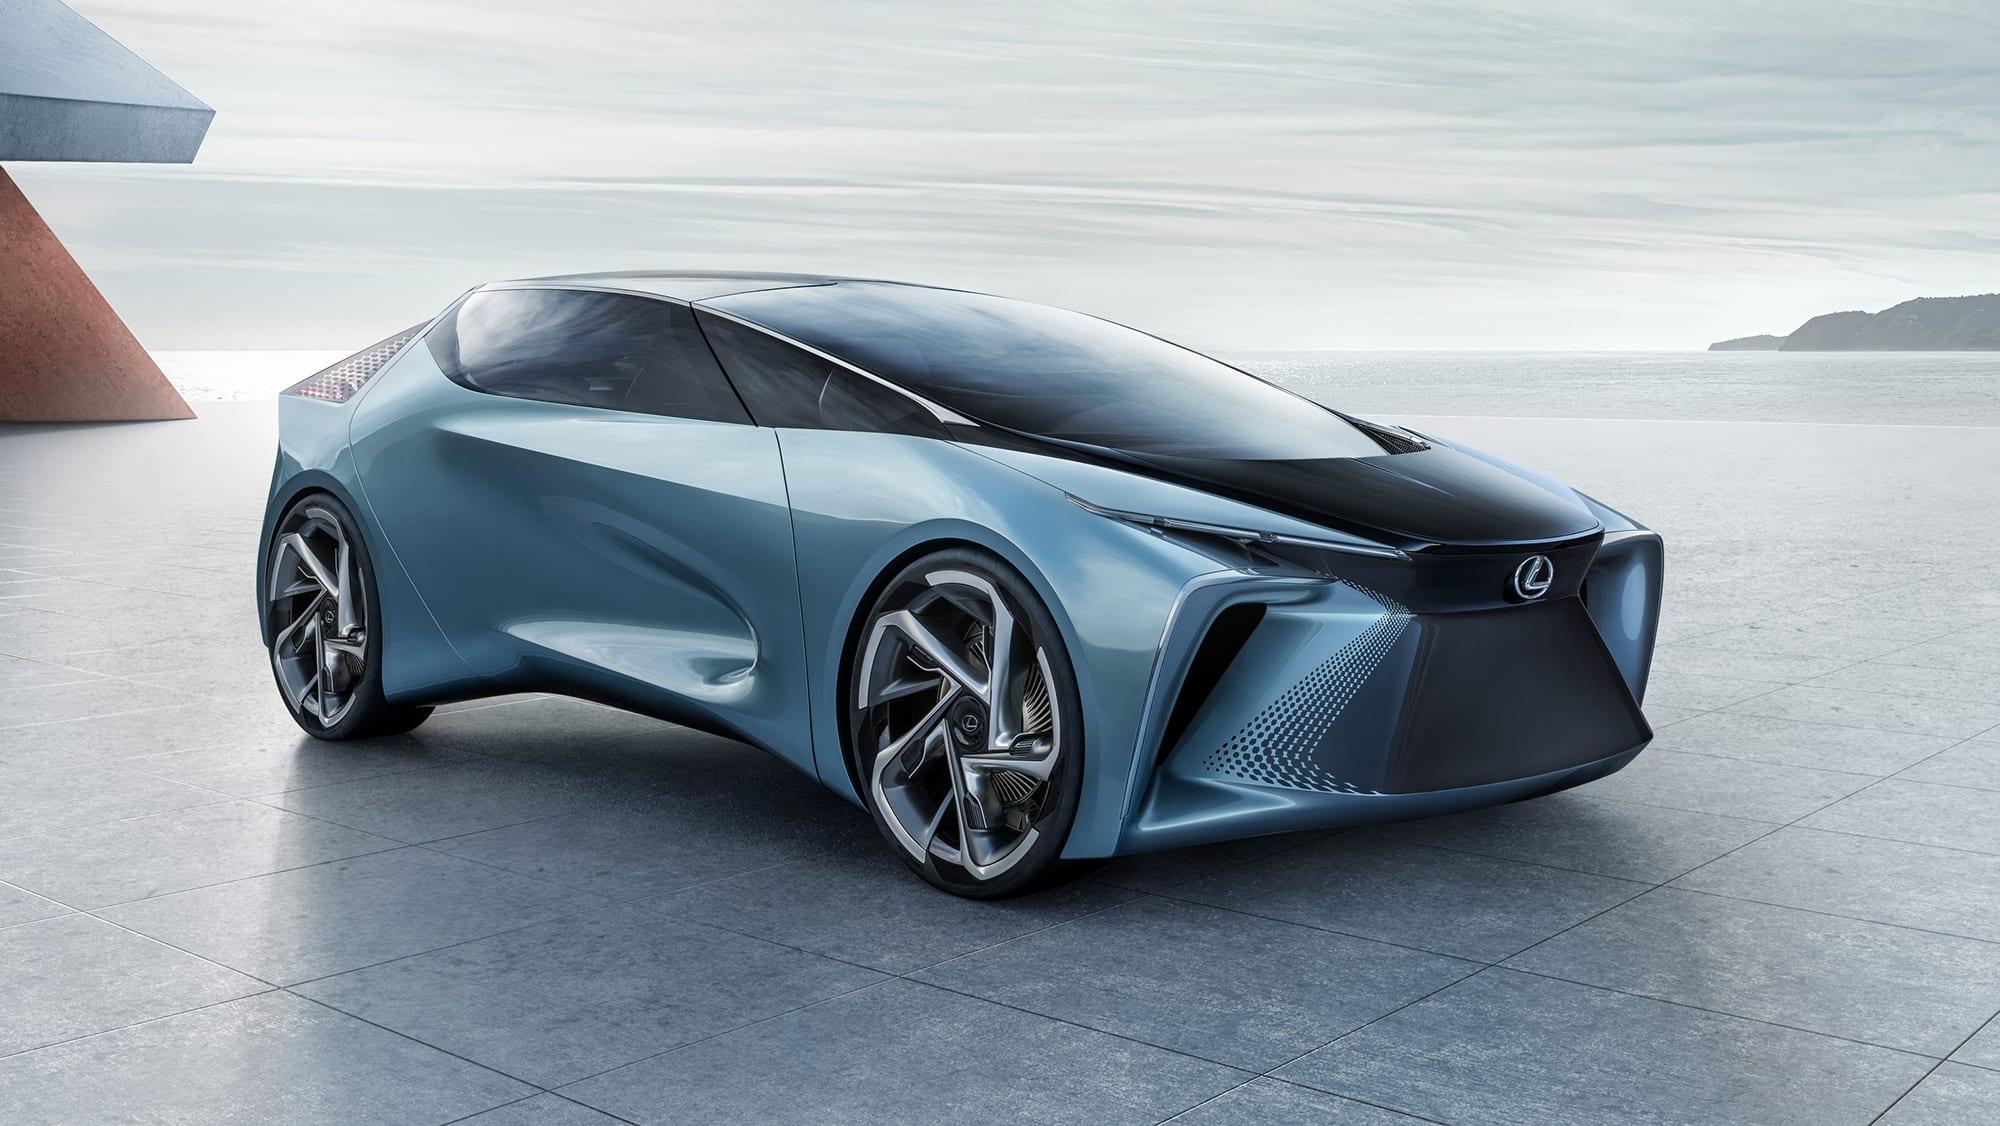 اولین خودرو برقی و خودران لکسوس چه فناوریهایی دارد؟ 1